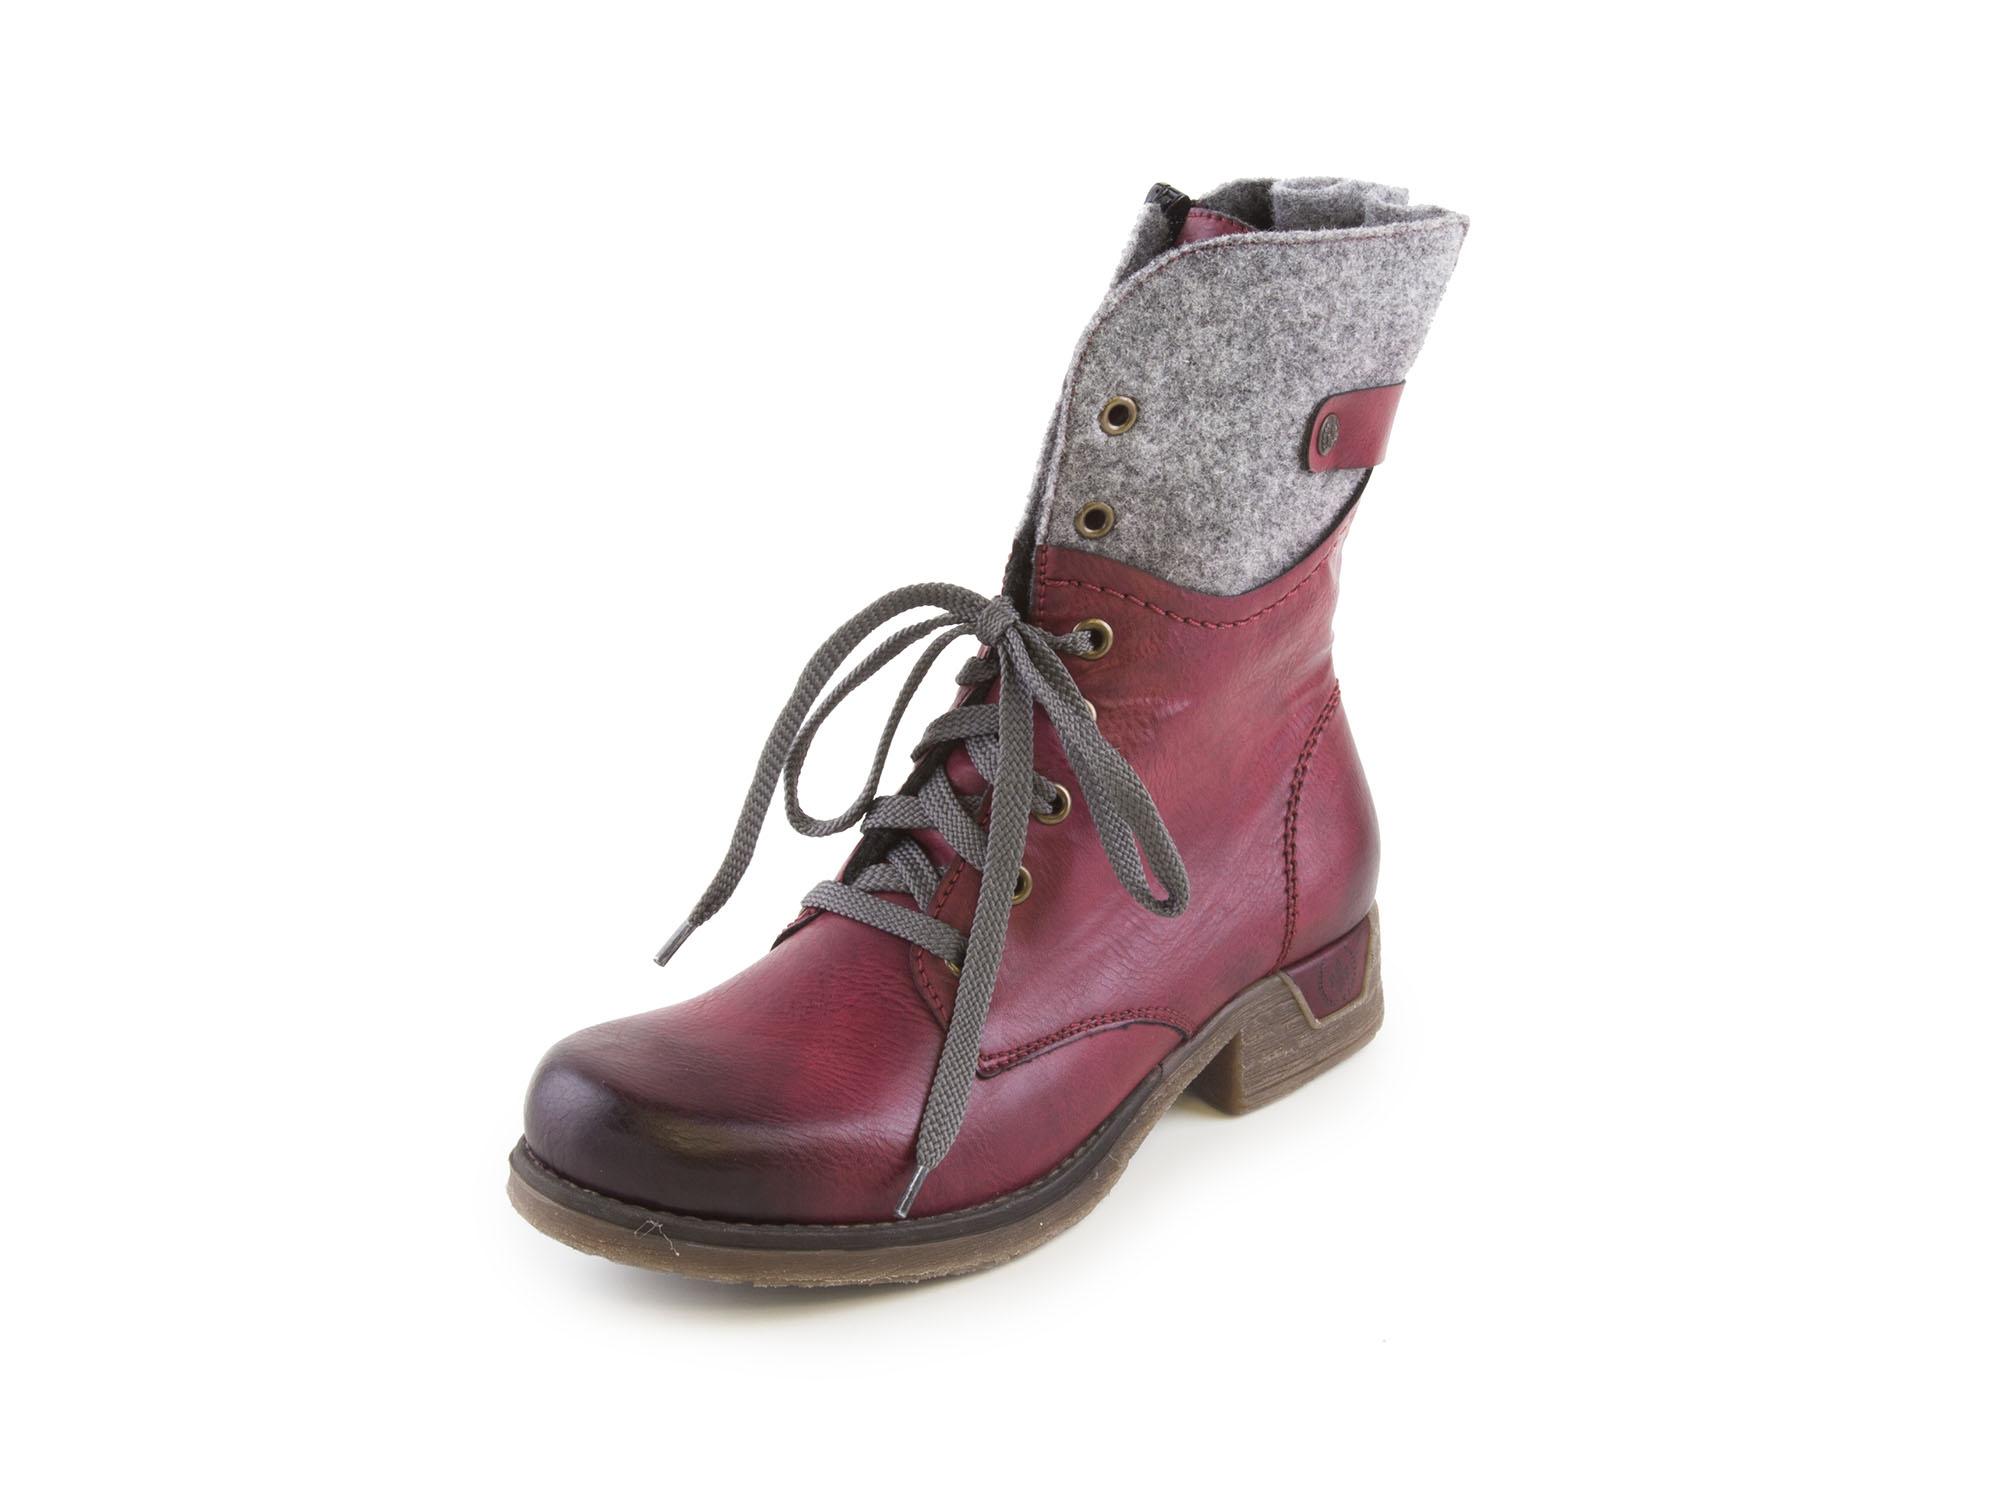 425d92bb4358 detail Dámská obuv RIEKER br 79604 36 ROT KOMBI H W 7